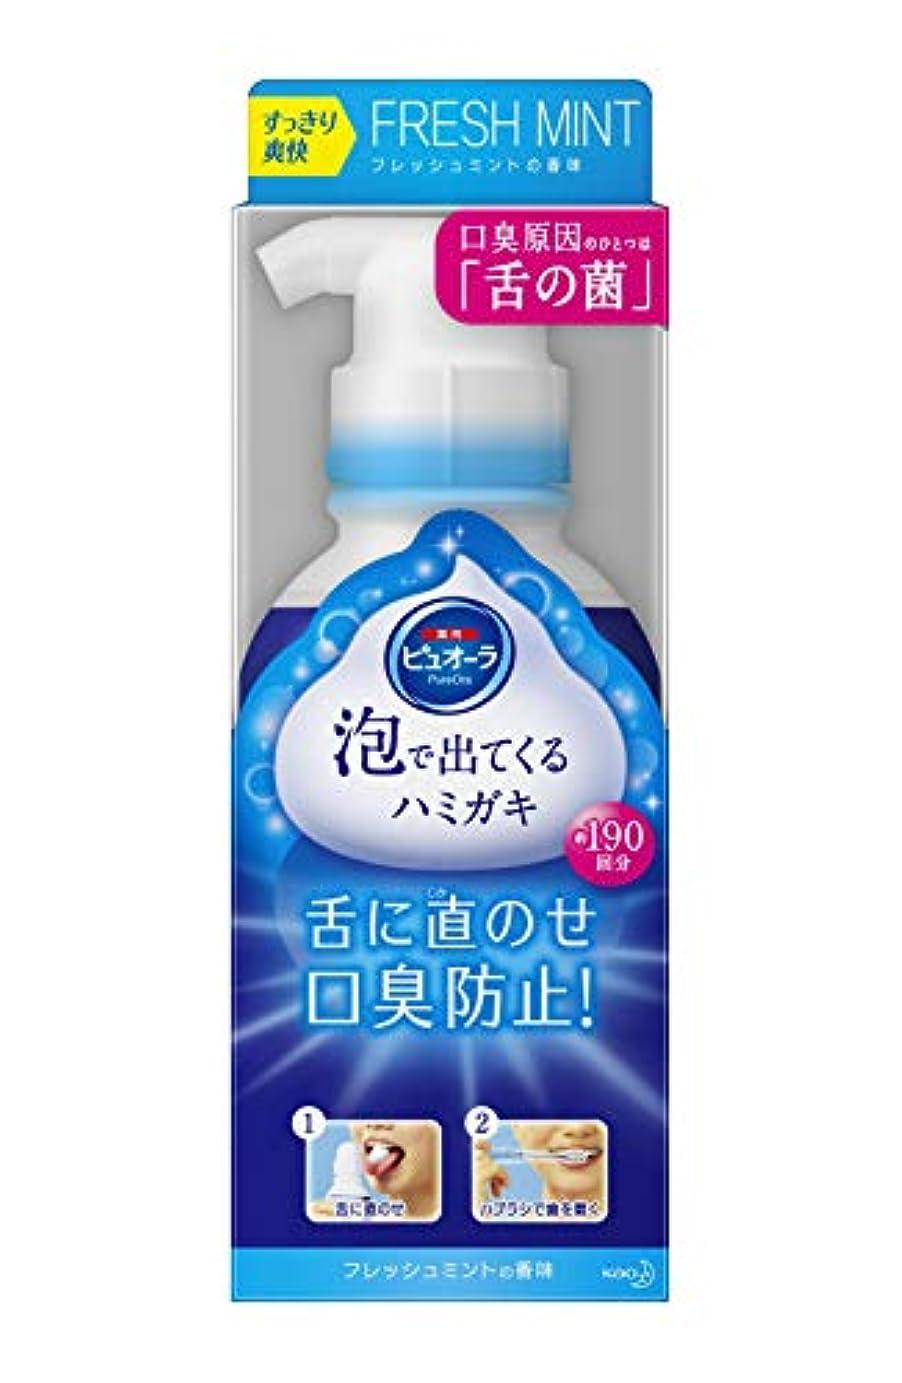 役員誘導一握りピュオーラ 泡で出てくるハミガキ 190ml 口臭/歯周病予防 [医薬部外品] フレッシュミントの香味 単品